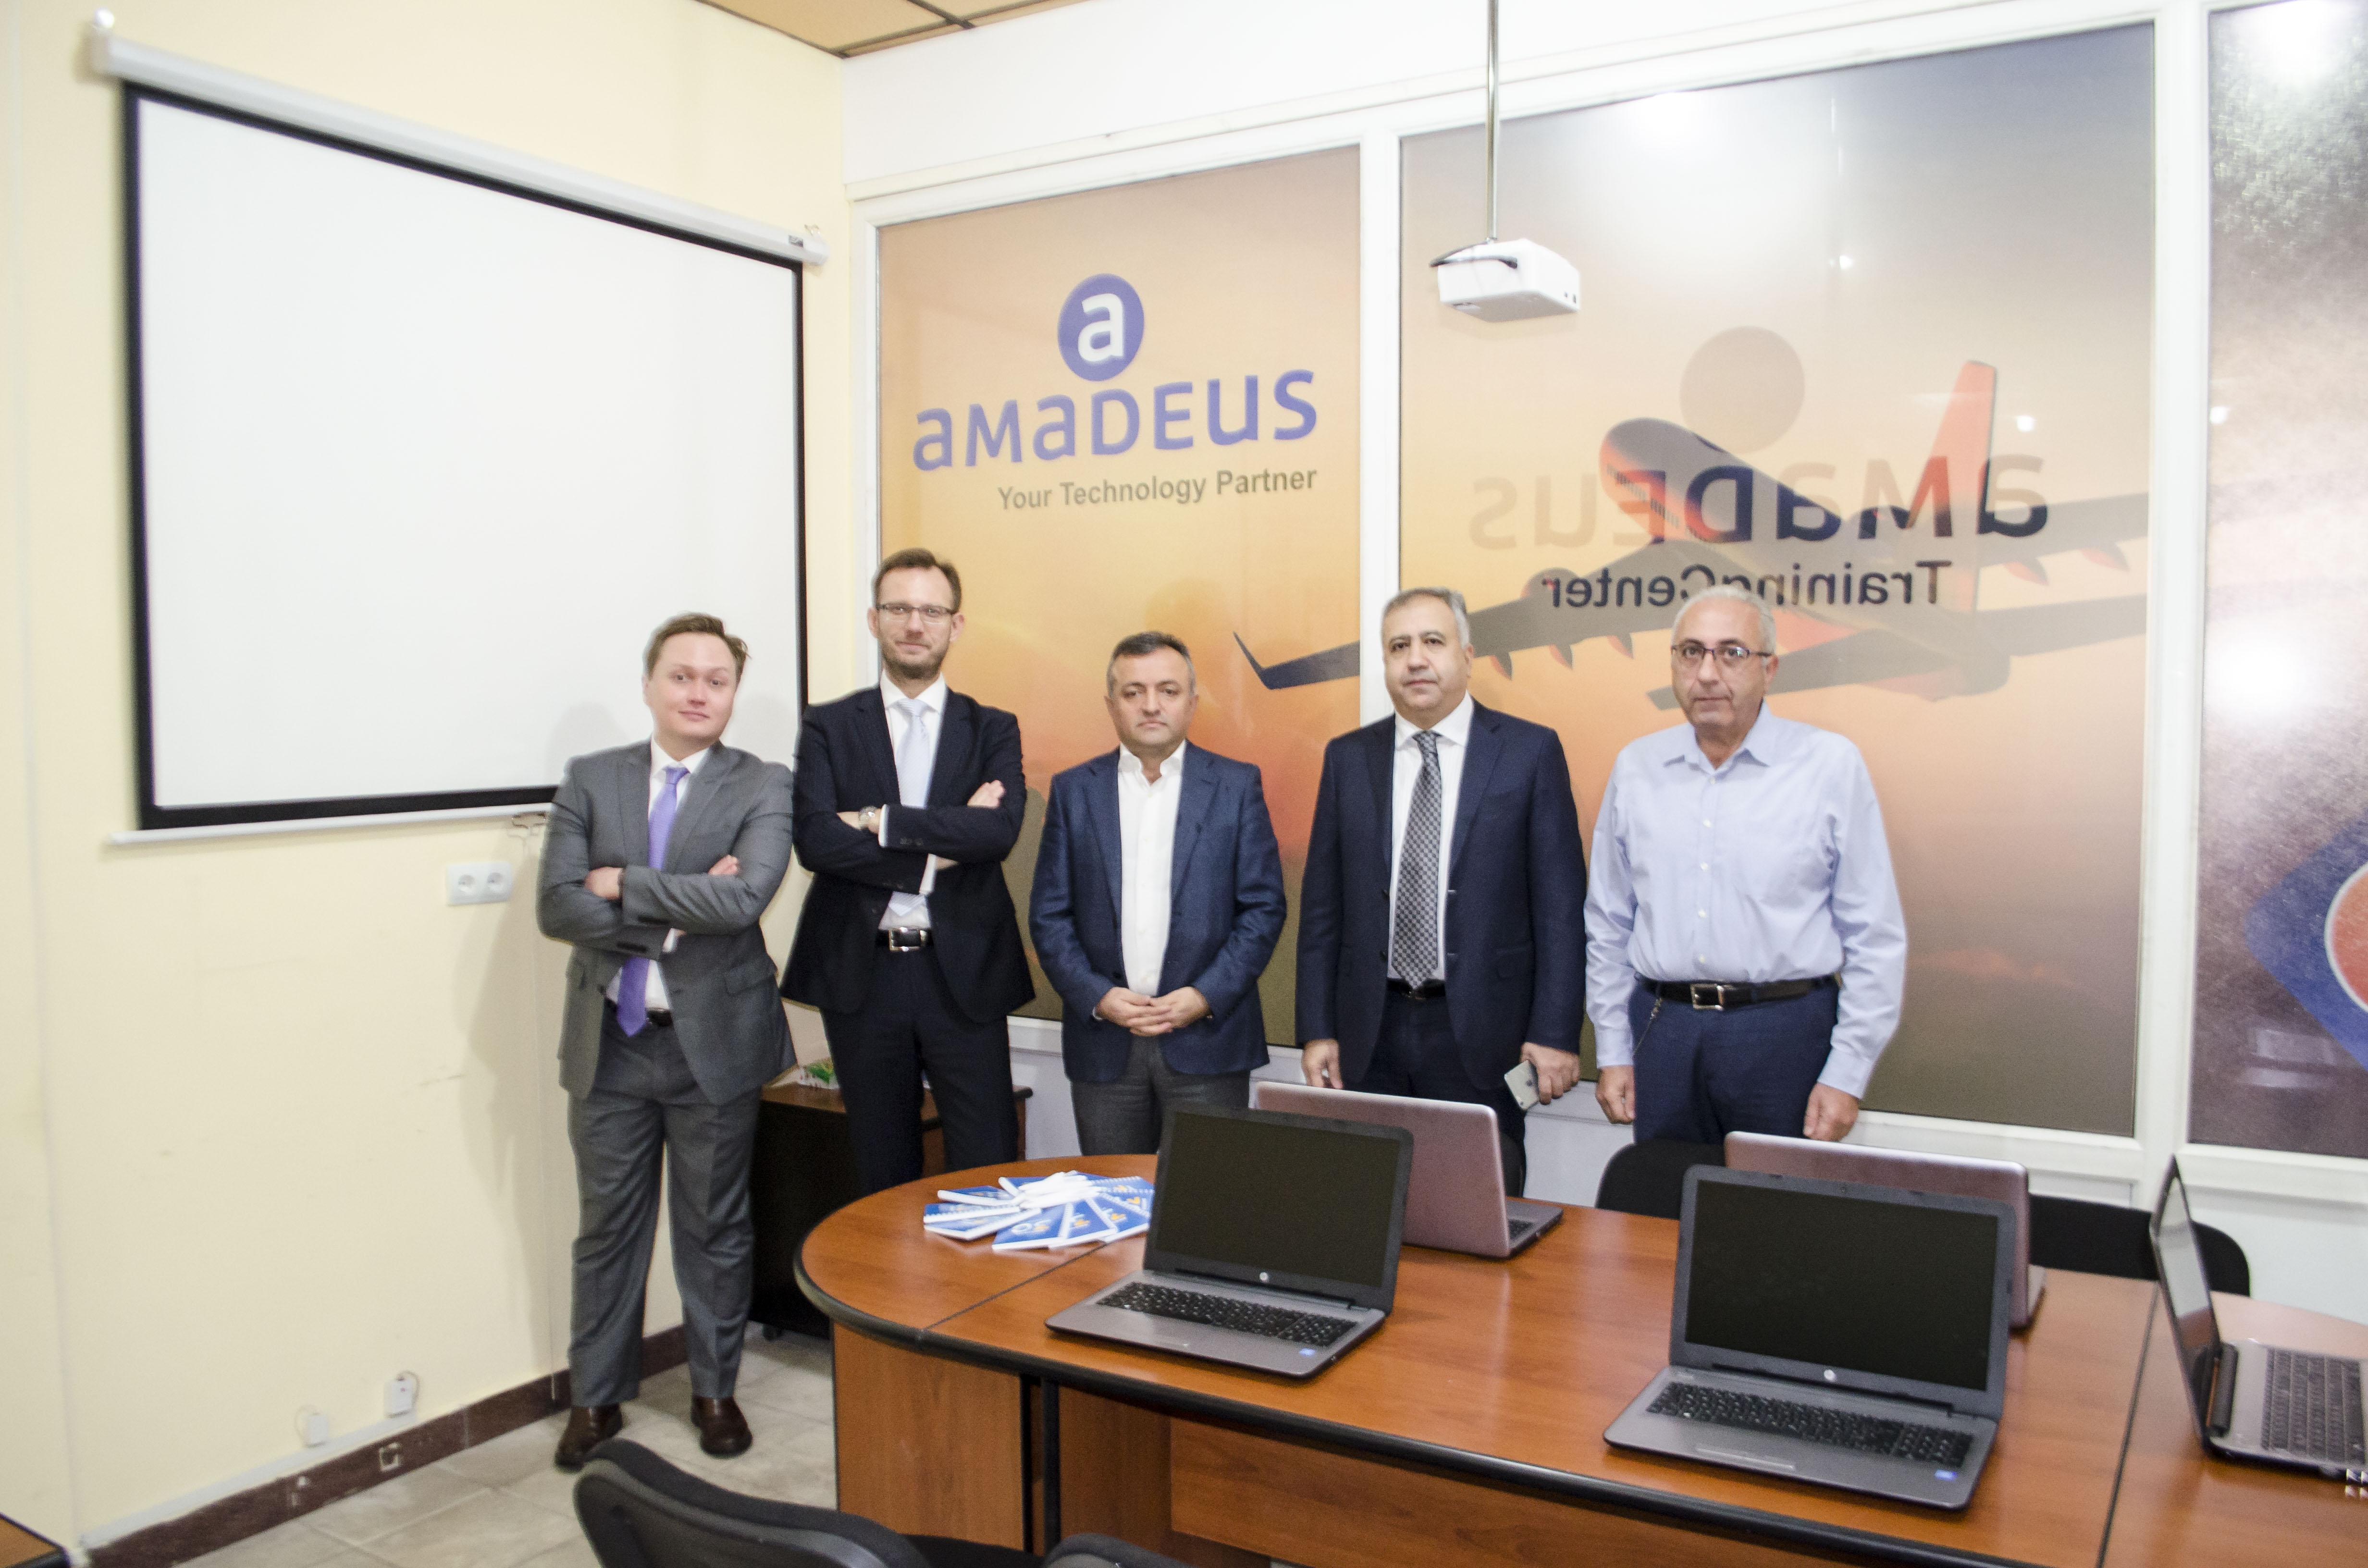 Երևանում բացվել է AMADEUS-ի ուսումնական կենտրոն